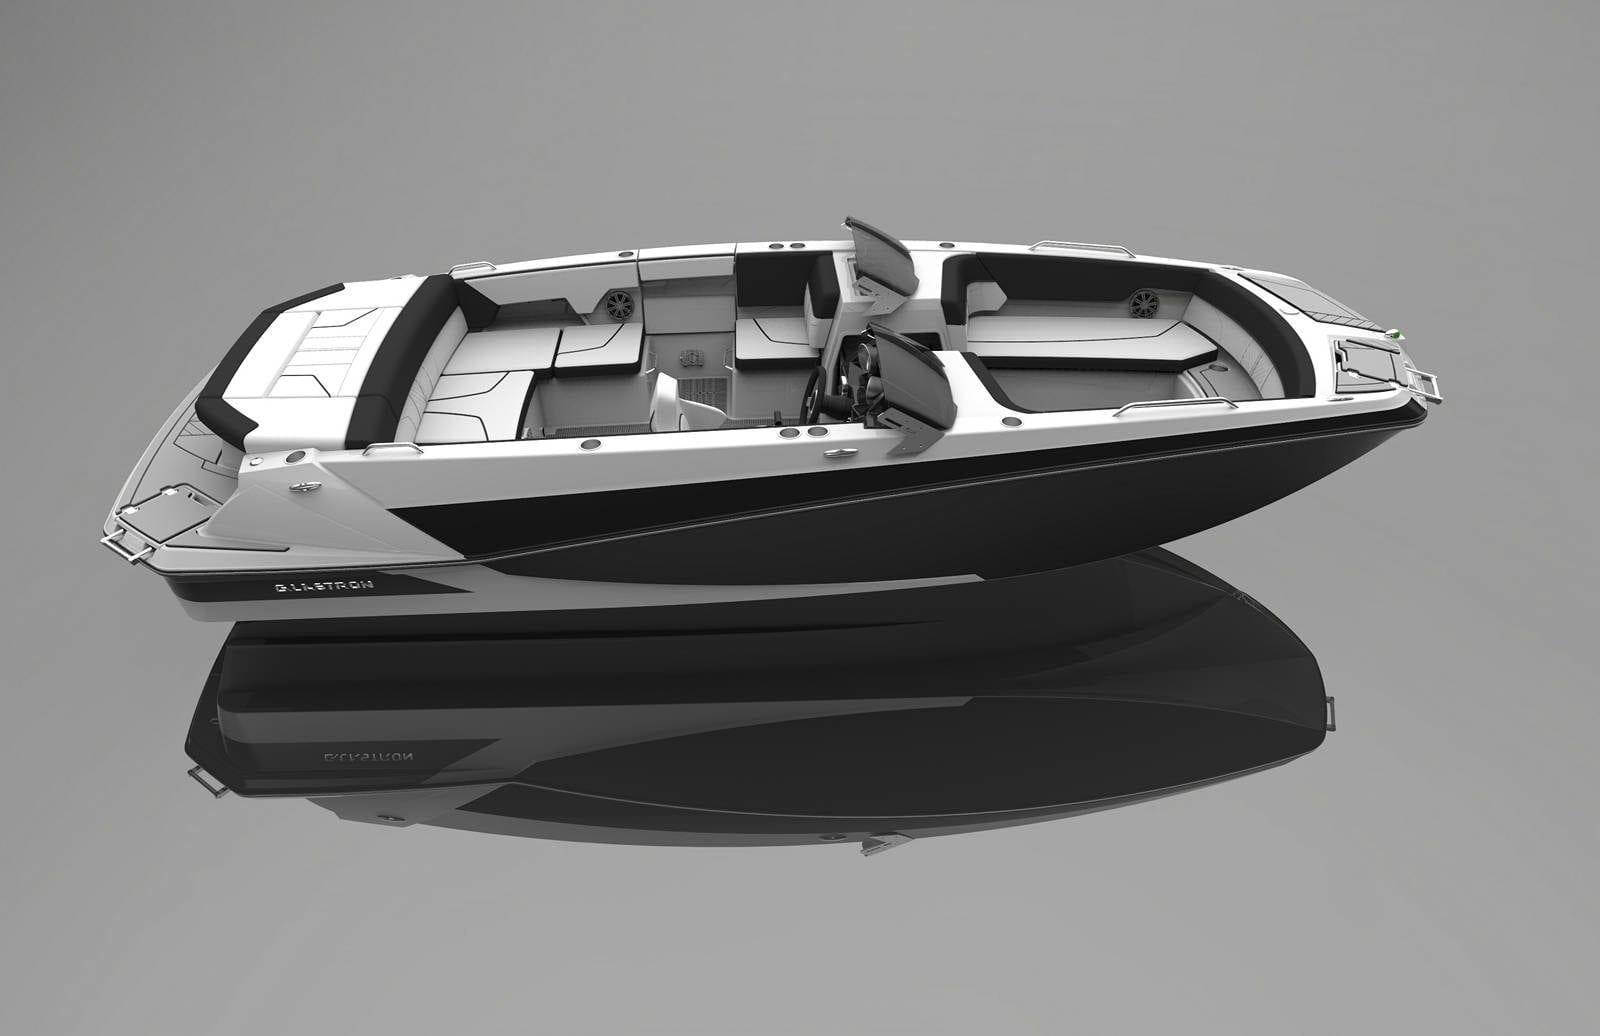 סירת ספורט Glastron GTD 225 - סטרים יאכטות